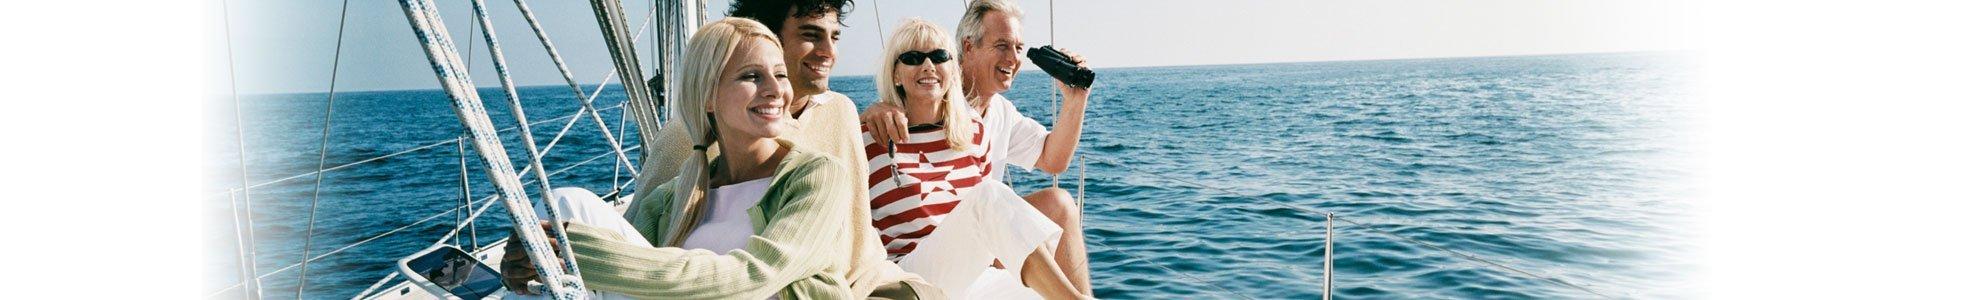 Westralian Insurance marine insurance